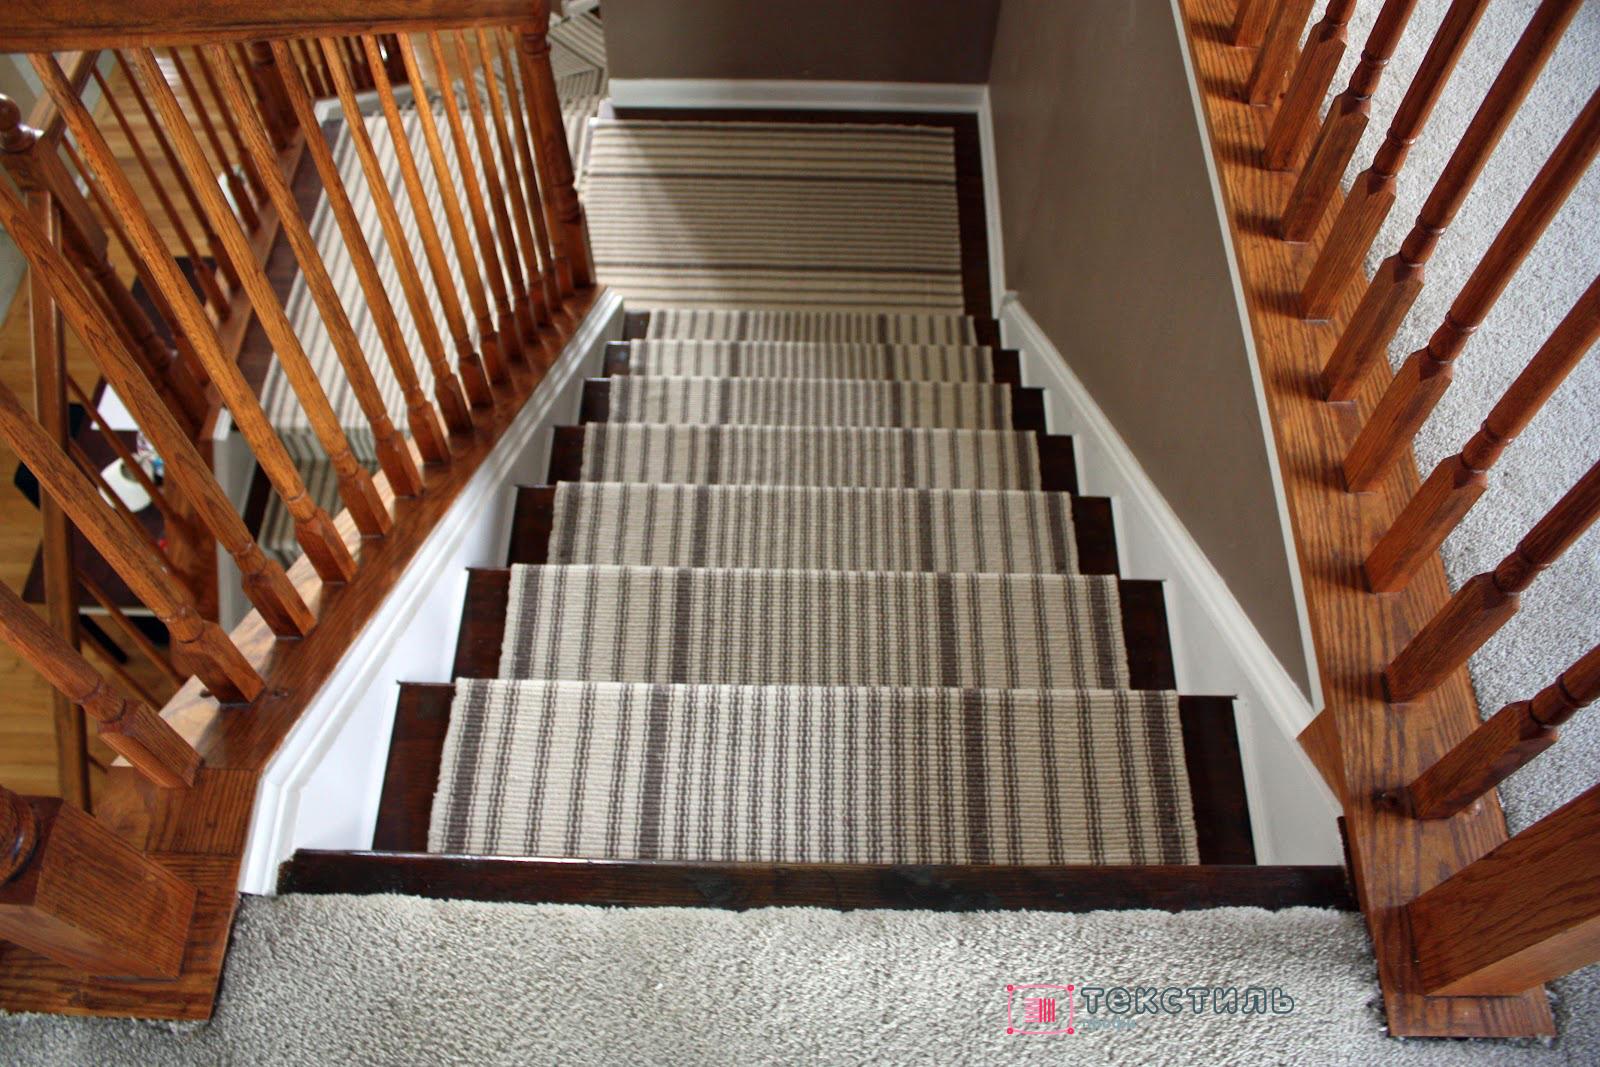 Какое ковровое покрытие подойдет для лестницы?